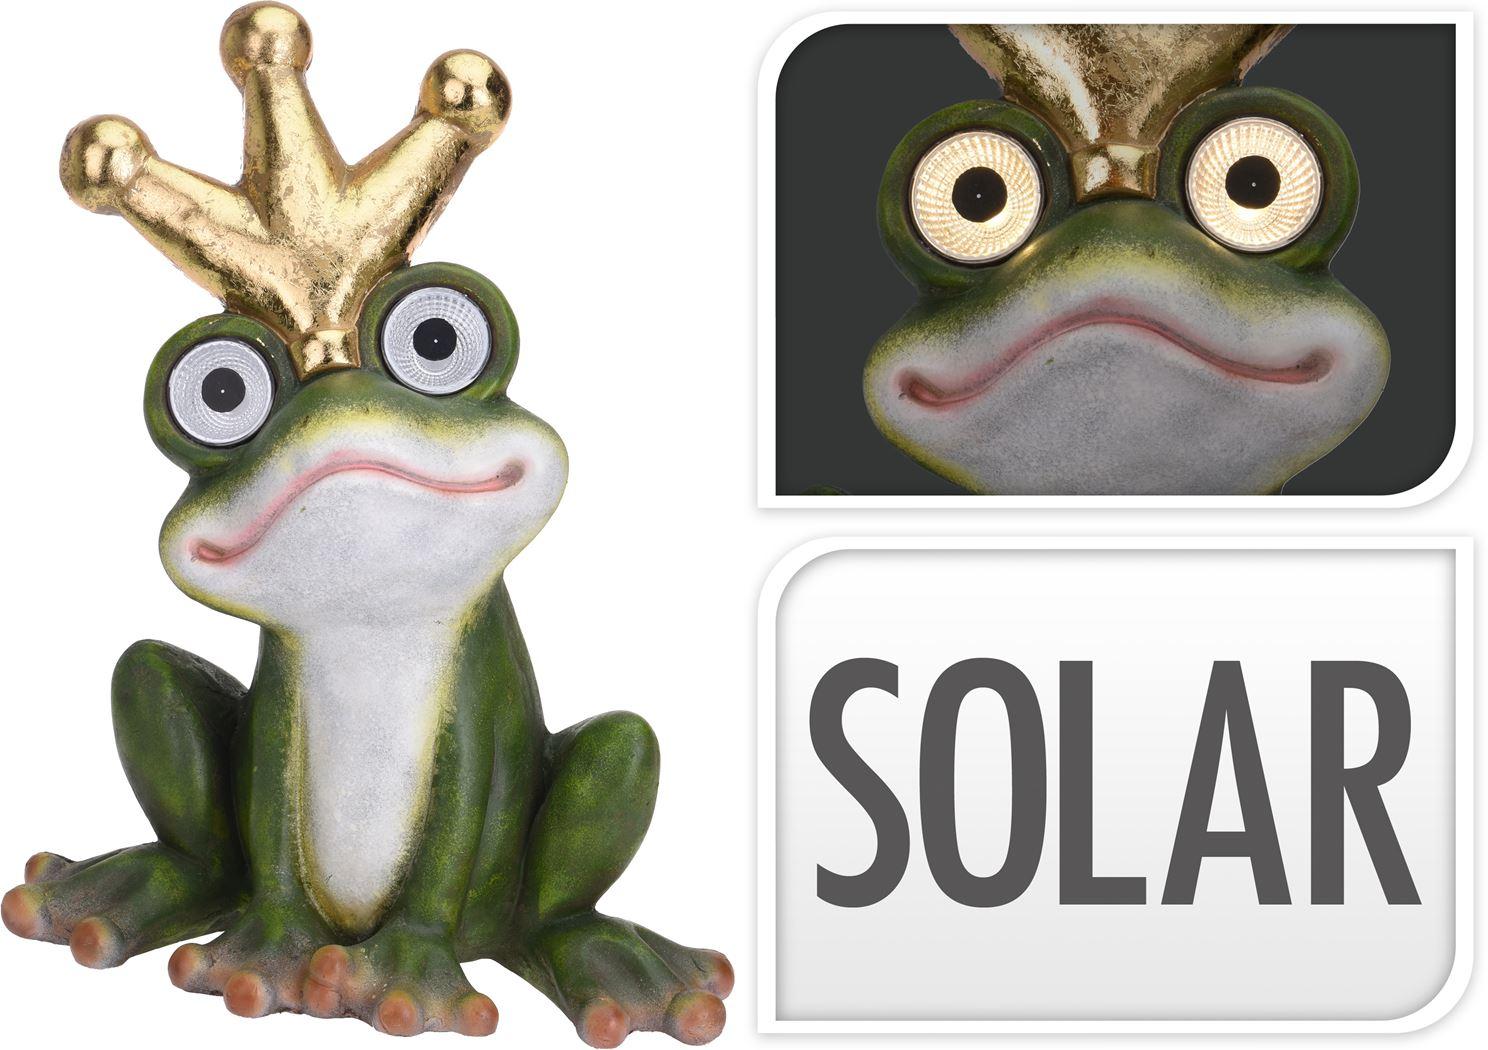 mgo kikker met solar